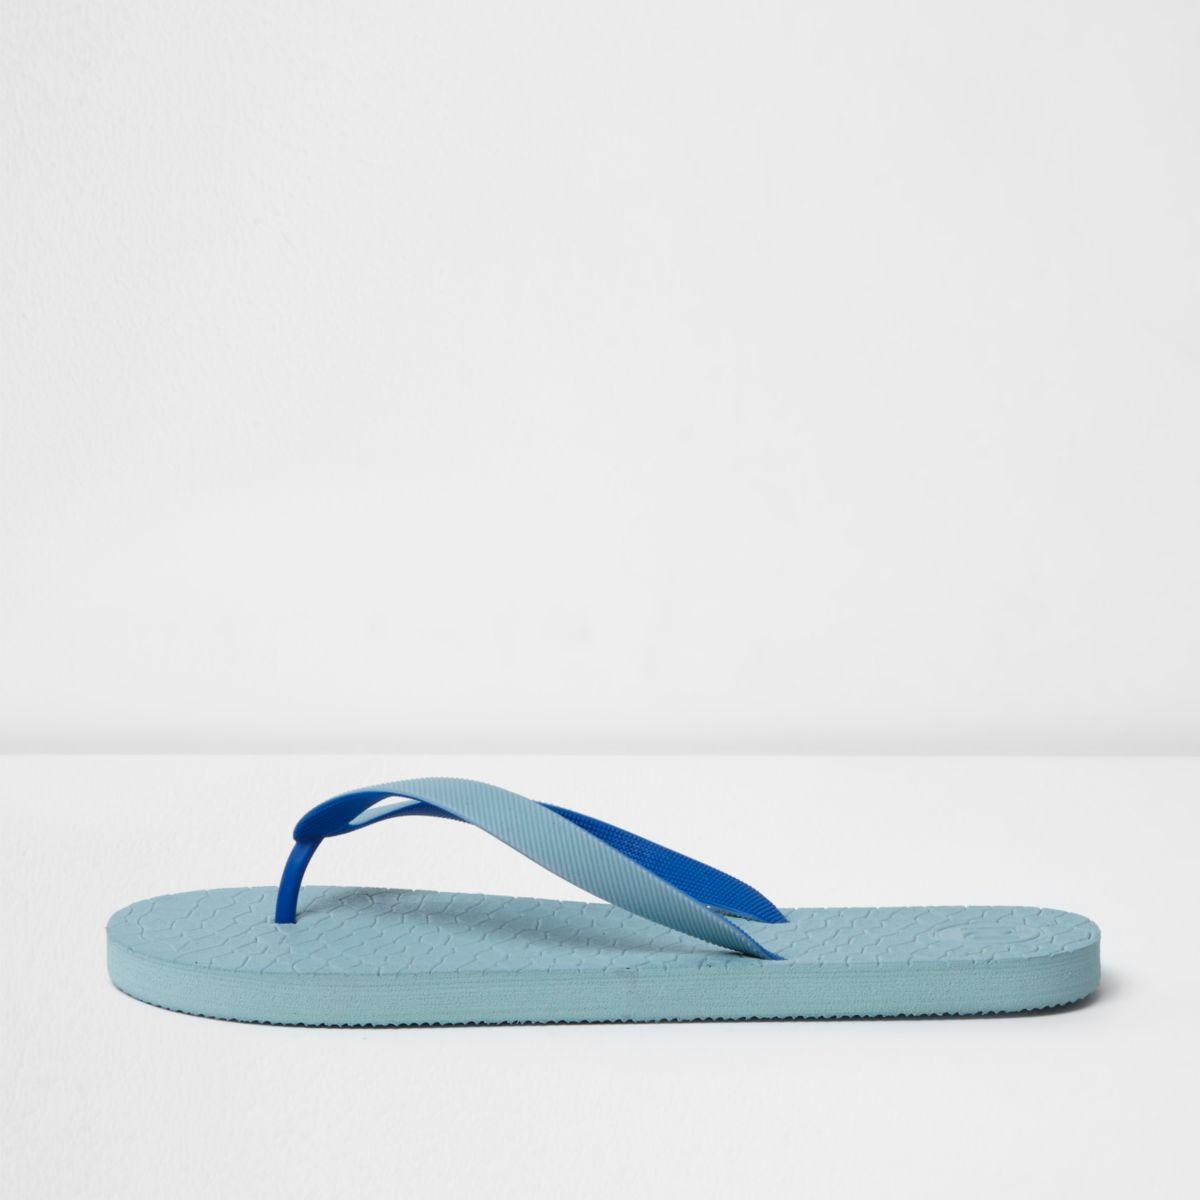 Blaue Flip-Flops